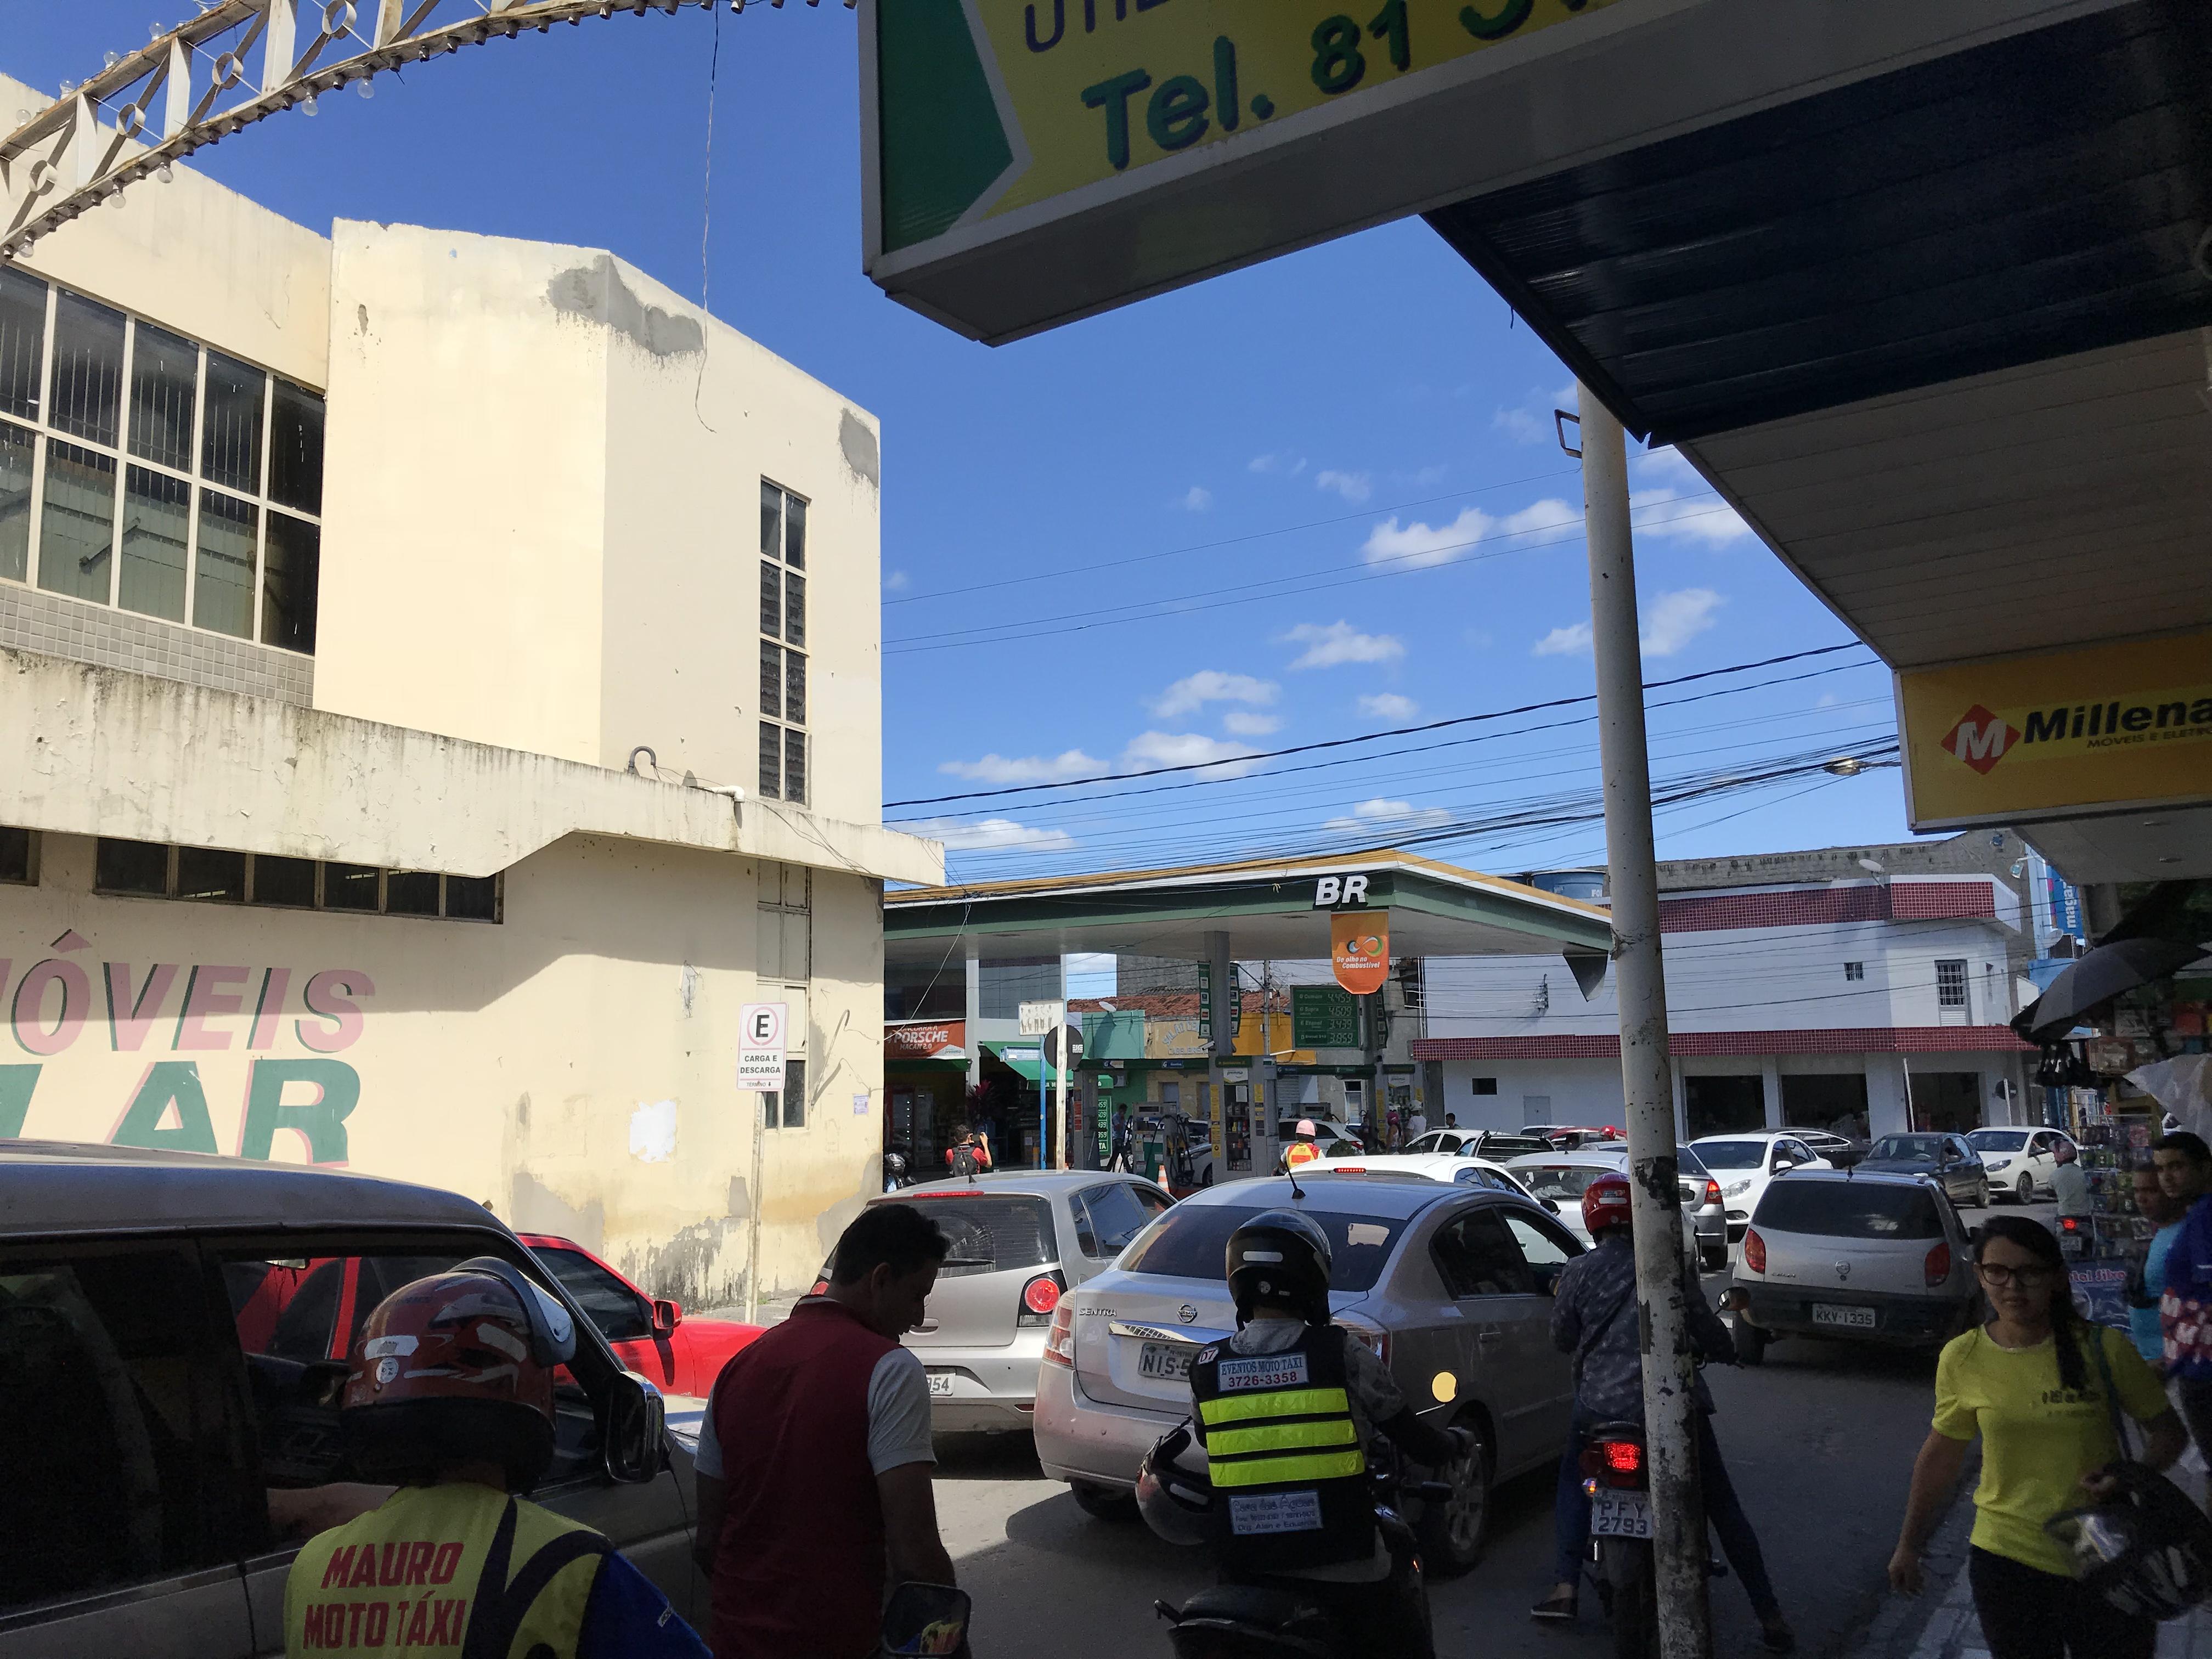 Longas filas foram registradas em postos da cidade. Foto: Reportagem / BJ1